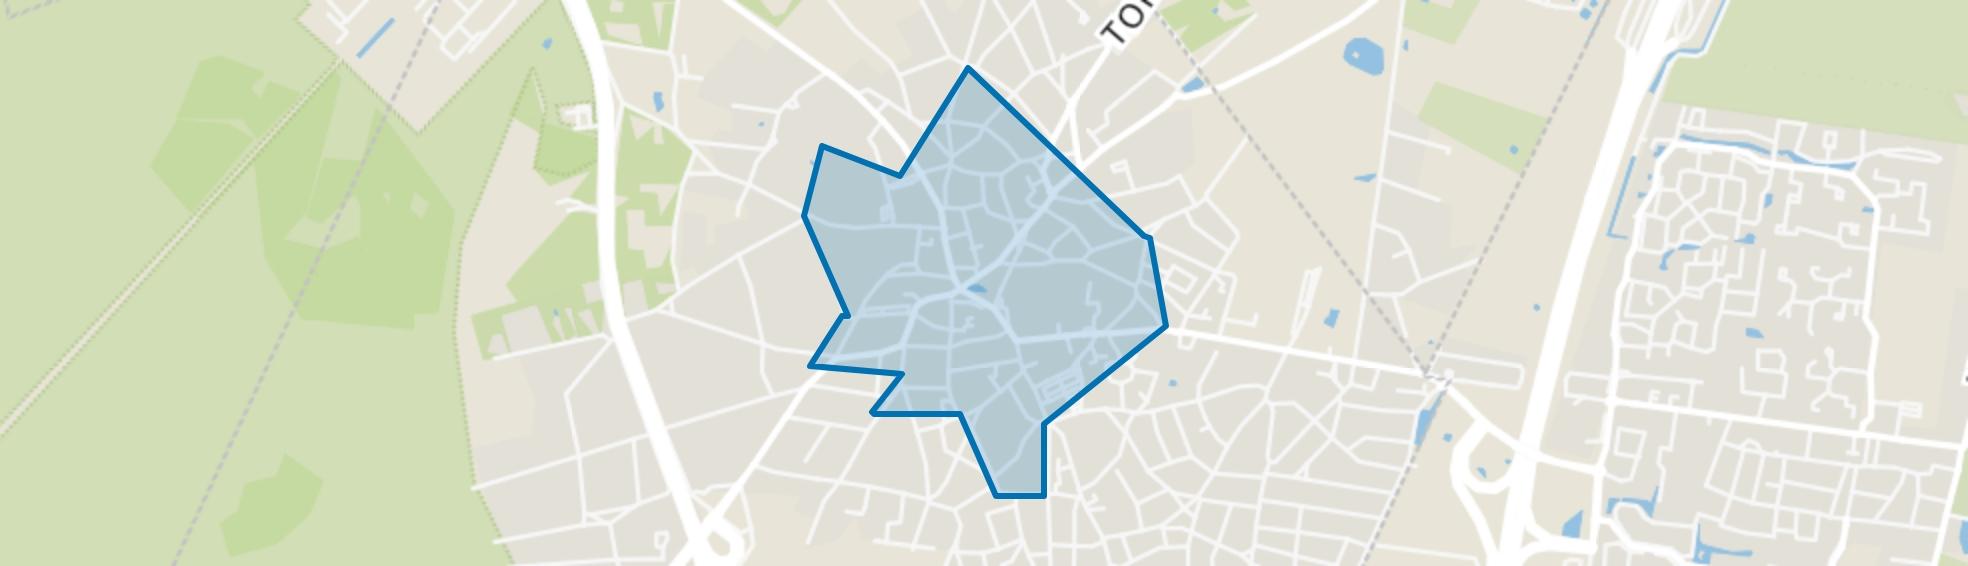 Laren-Centrum, Laren (NH) map